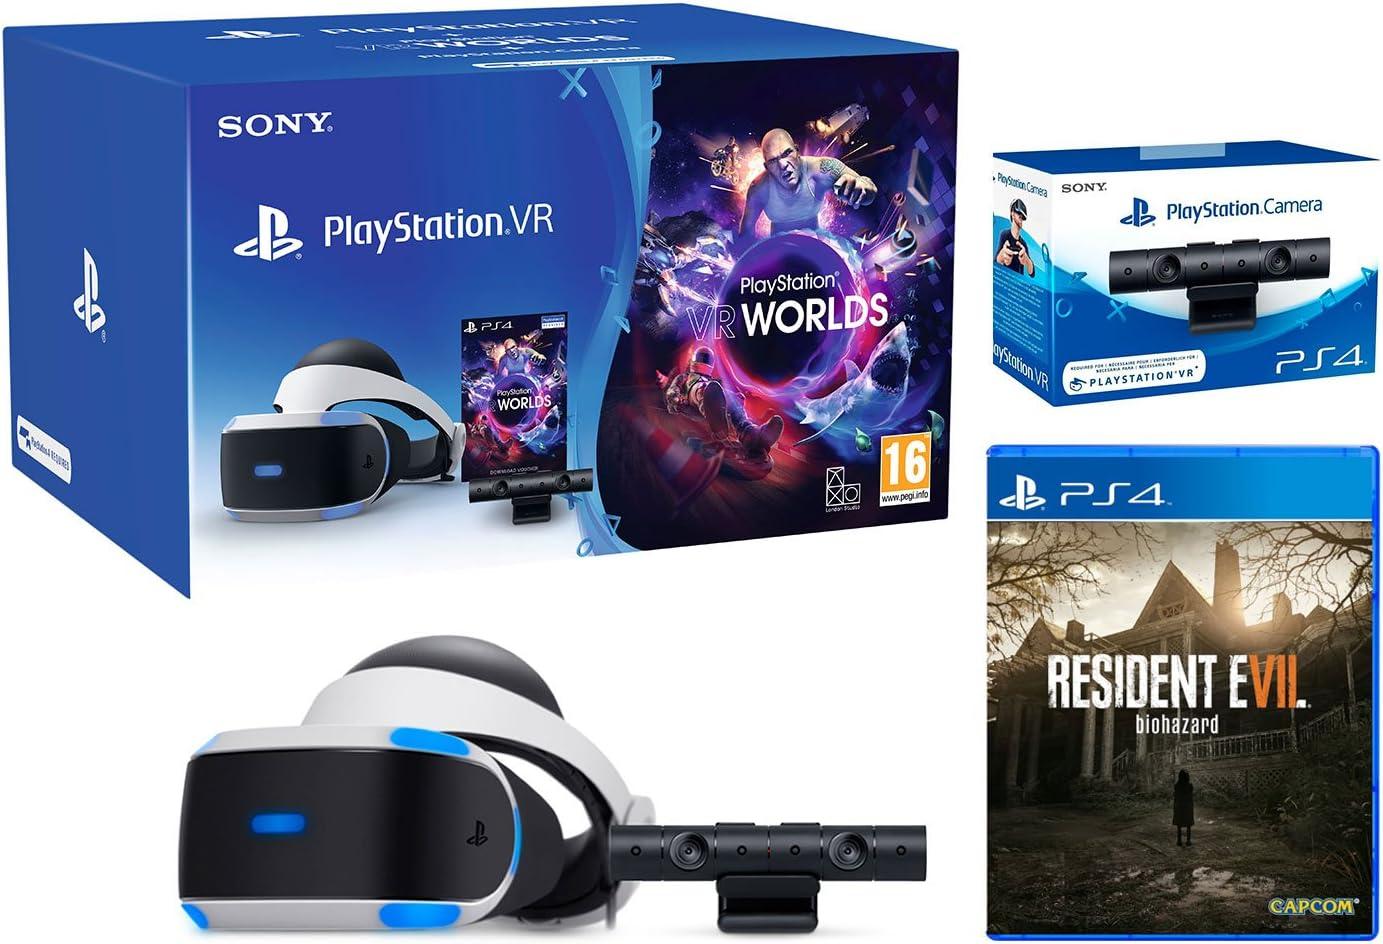 Playstation VR Resident Evil 7 Pack + VR Worlds + Camara V2: Amazon.es: Videojuegos